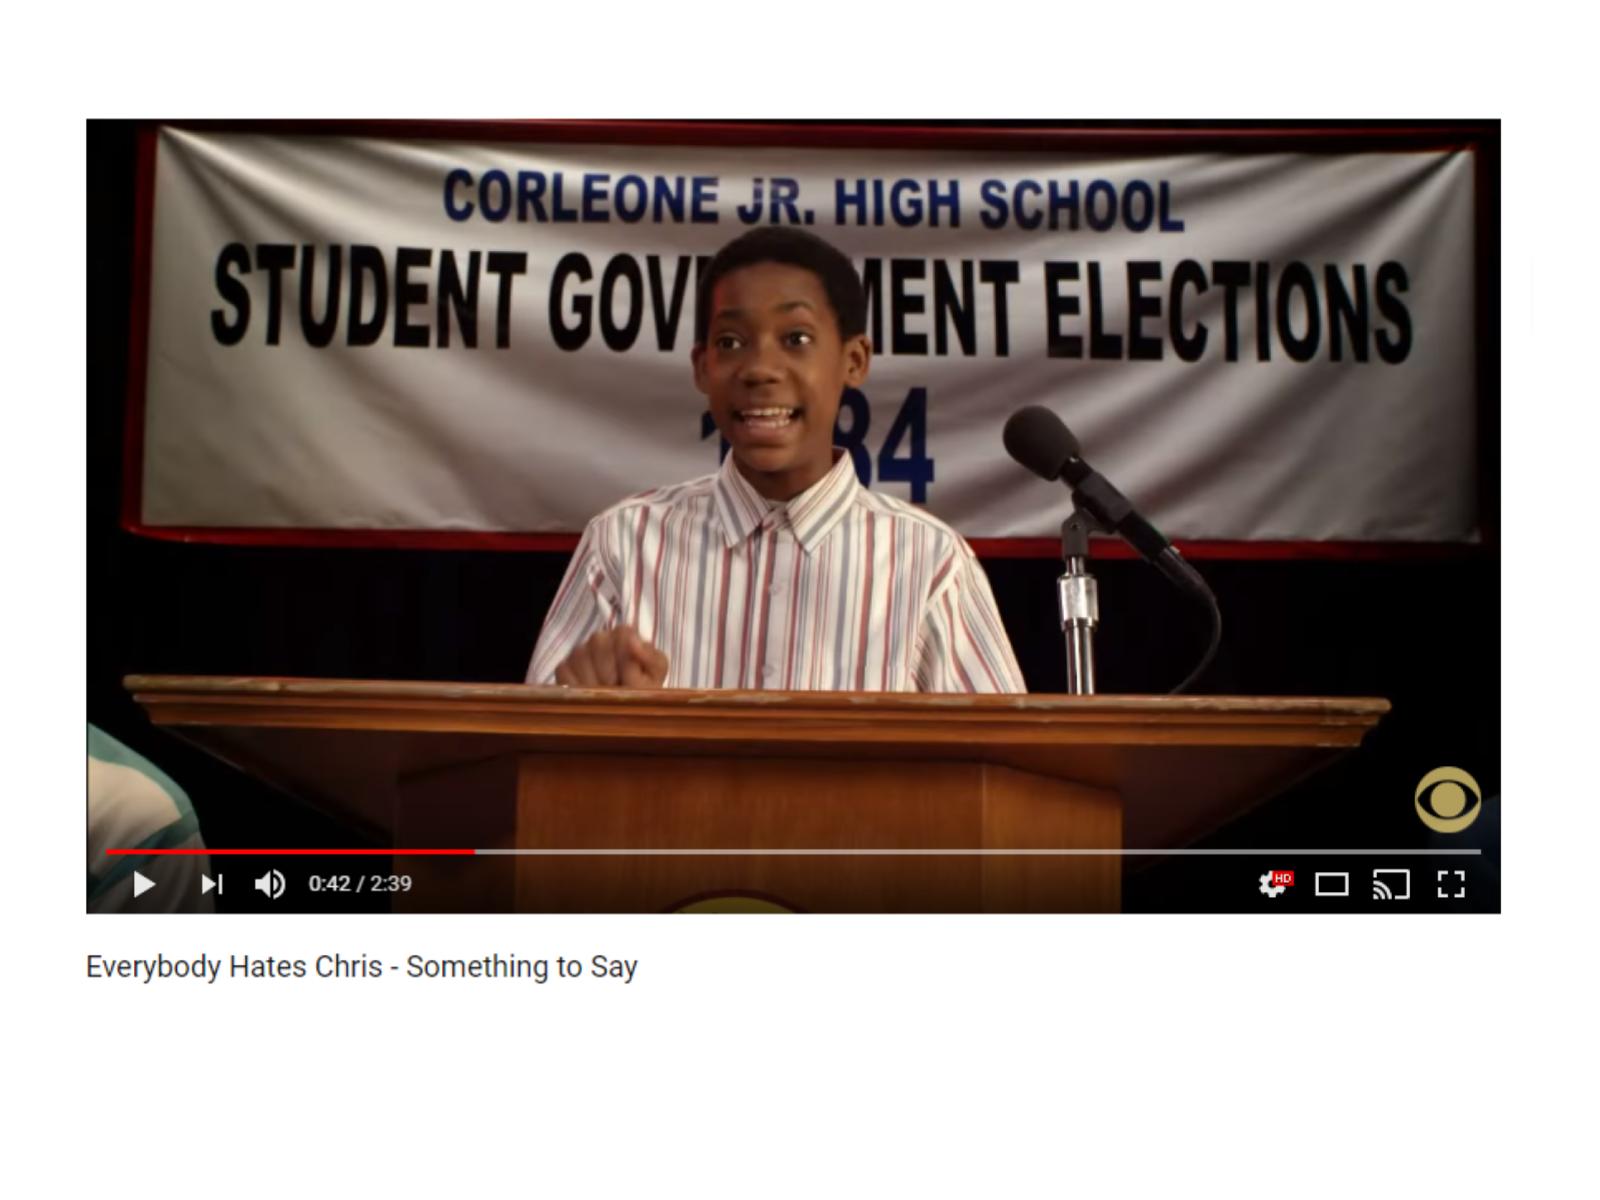 Promessas e planos em um discurso para eleições escolares